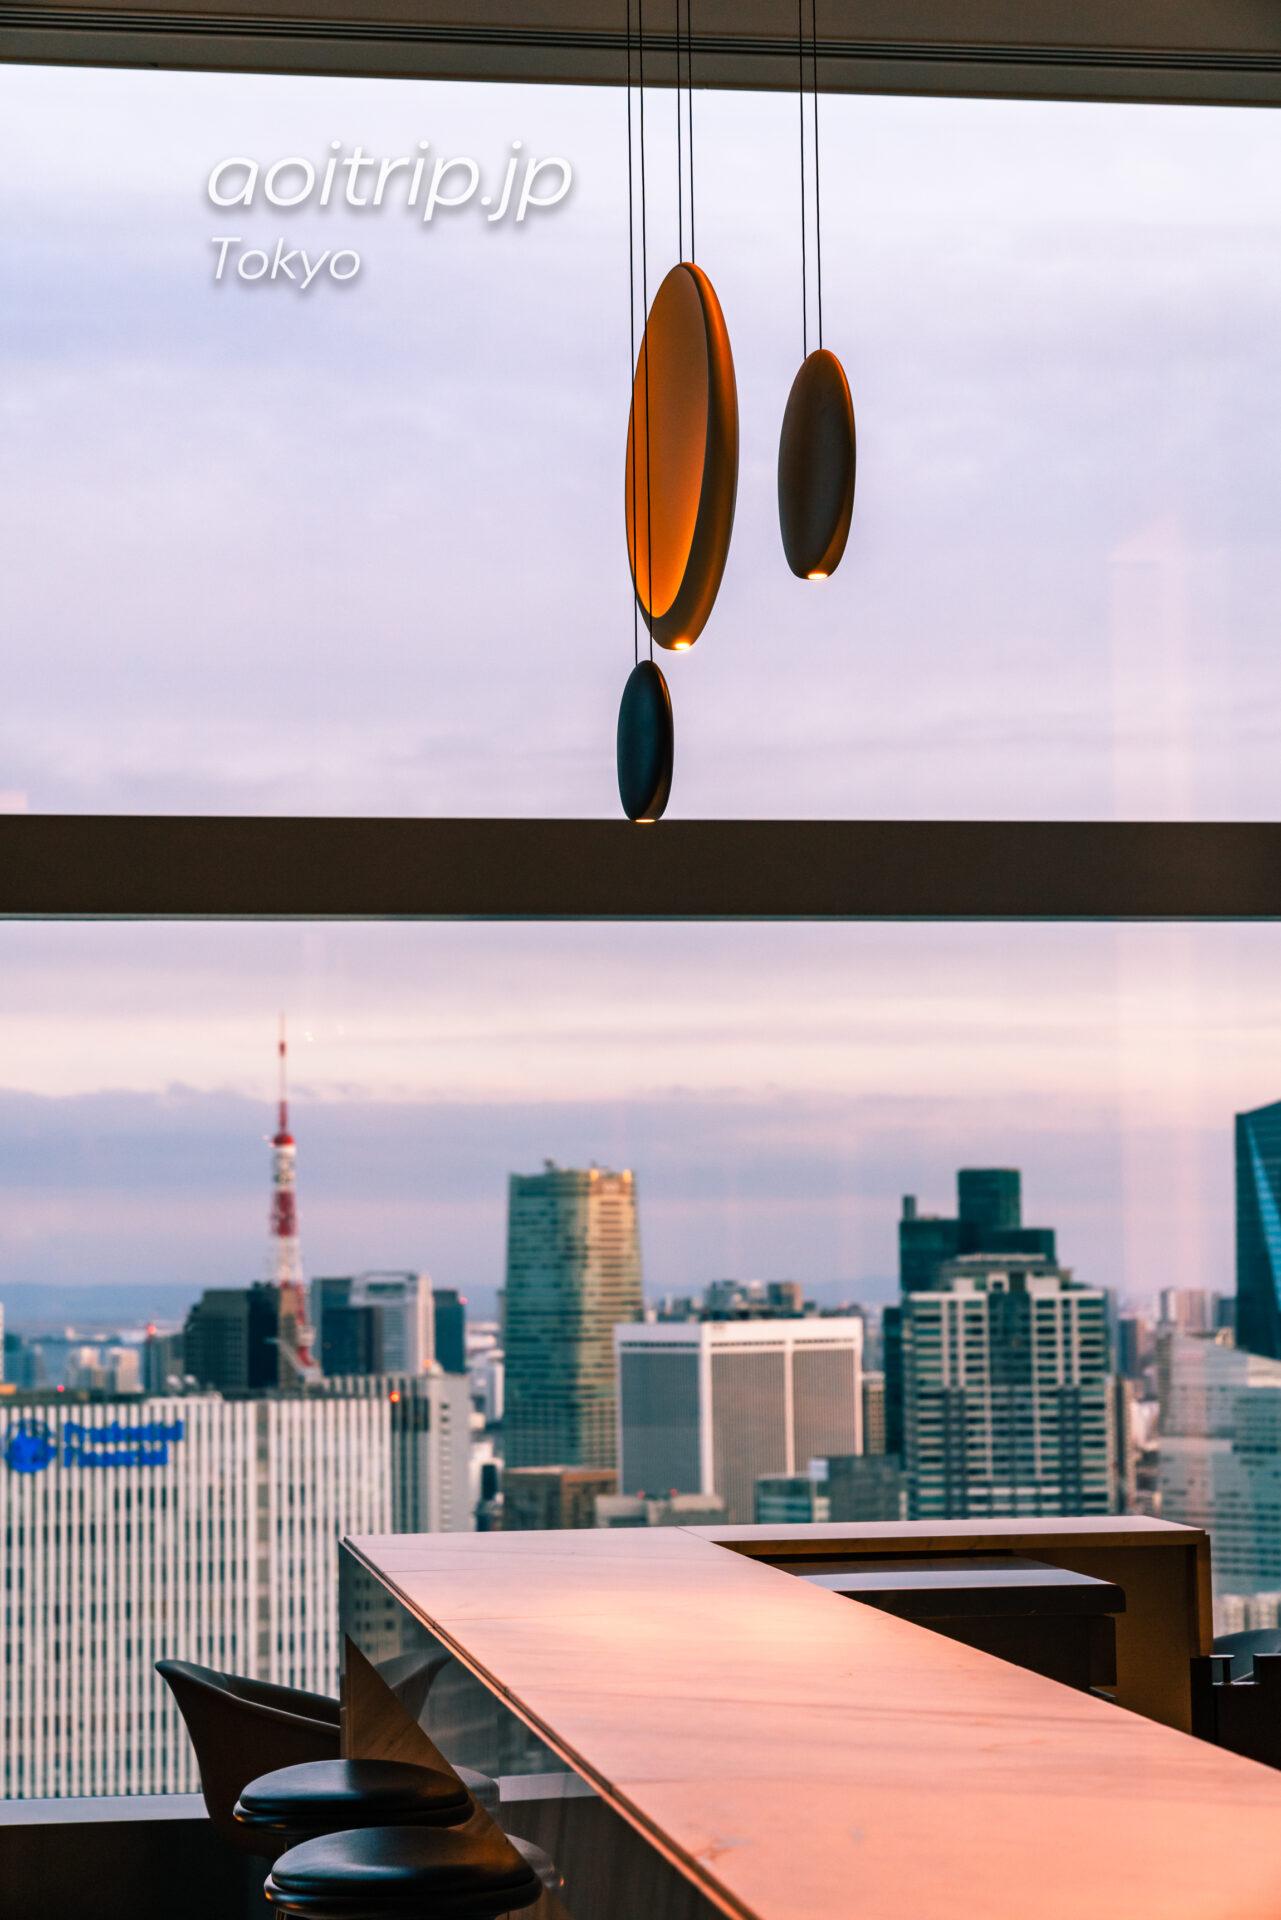 ザ プリンスギャラリー 東京紀尾井町のロビーから望む東京タワー